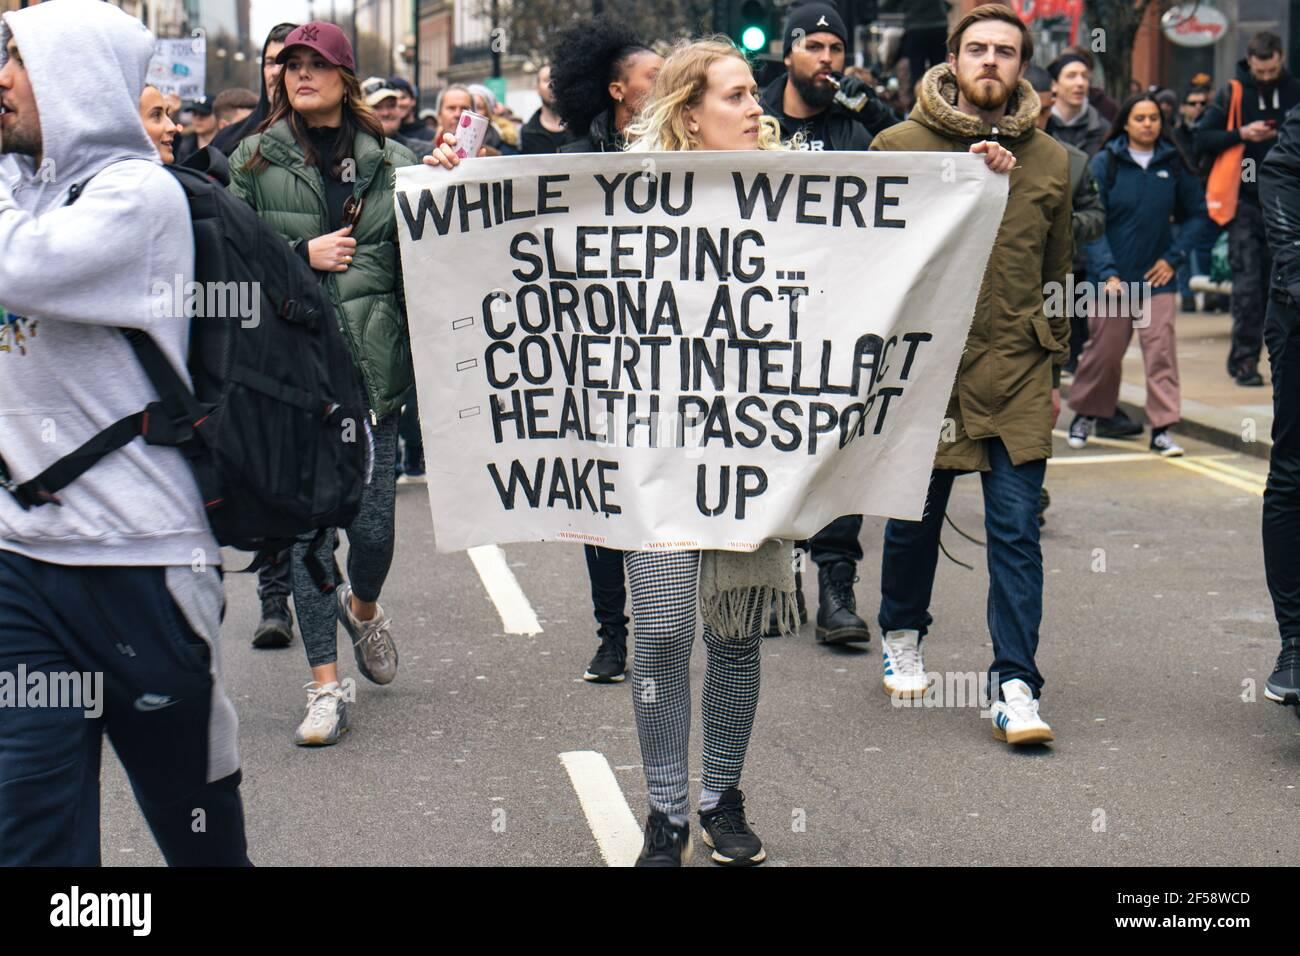 Londres, Reino Unido, 20th de marzo de 2021. Alrededor de 6000 manifestantes contra el bloqueo y la vacunación y contra la Policía, el crimen, la sentencia y los tribunales Bill march en el centro de Londres. La protesta comenzó en Hyde Park con una serie de detenciones y un discurso de Piers Corbyn, que se presenta a la alcaldía de Londres, marchó sin problemas por el centro de Londres y terminó con un puesto de atrás en Hyde Park entre unos 200 manifestantes y la policía antidisturbios restantes. Una mujer tiene una bandera que insta a la gente a despertar a los gobiernos la introducción del proyecto de ley Covid y los pasaportes de salud Foto de stock